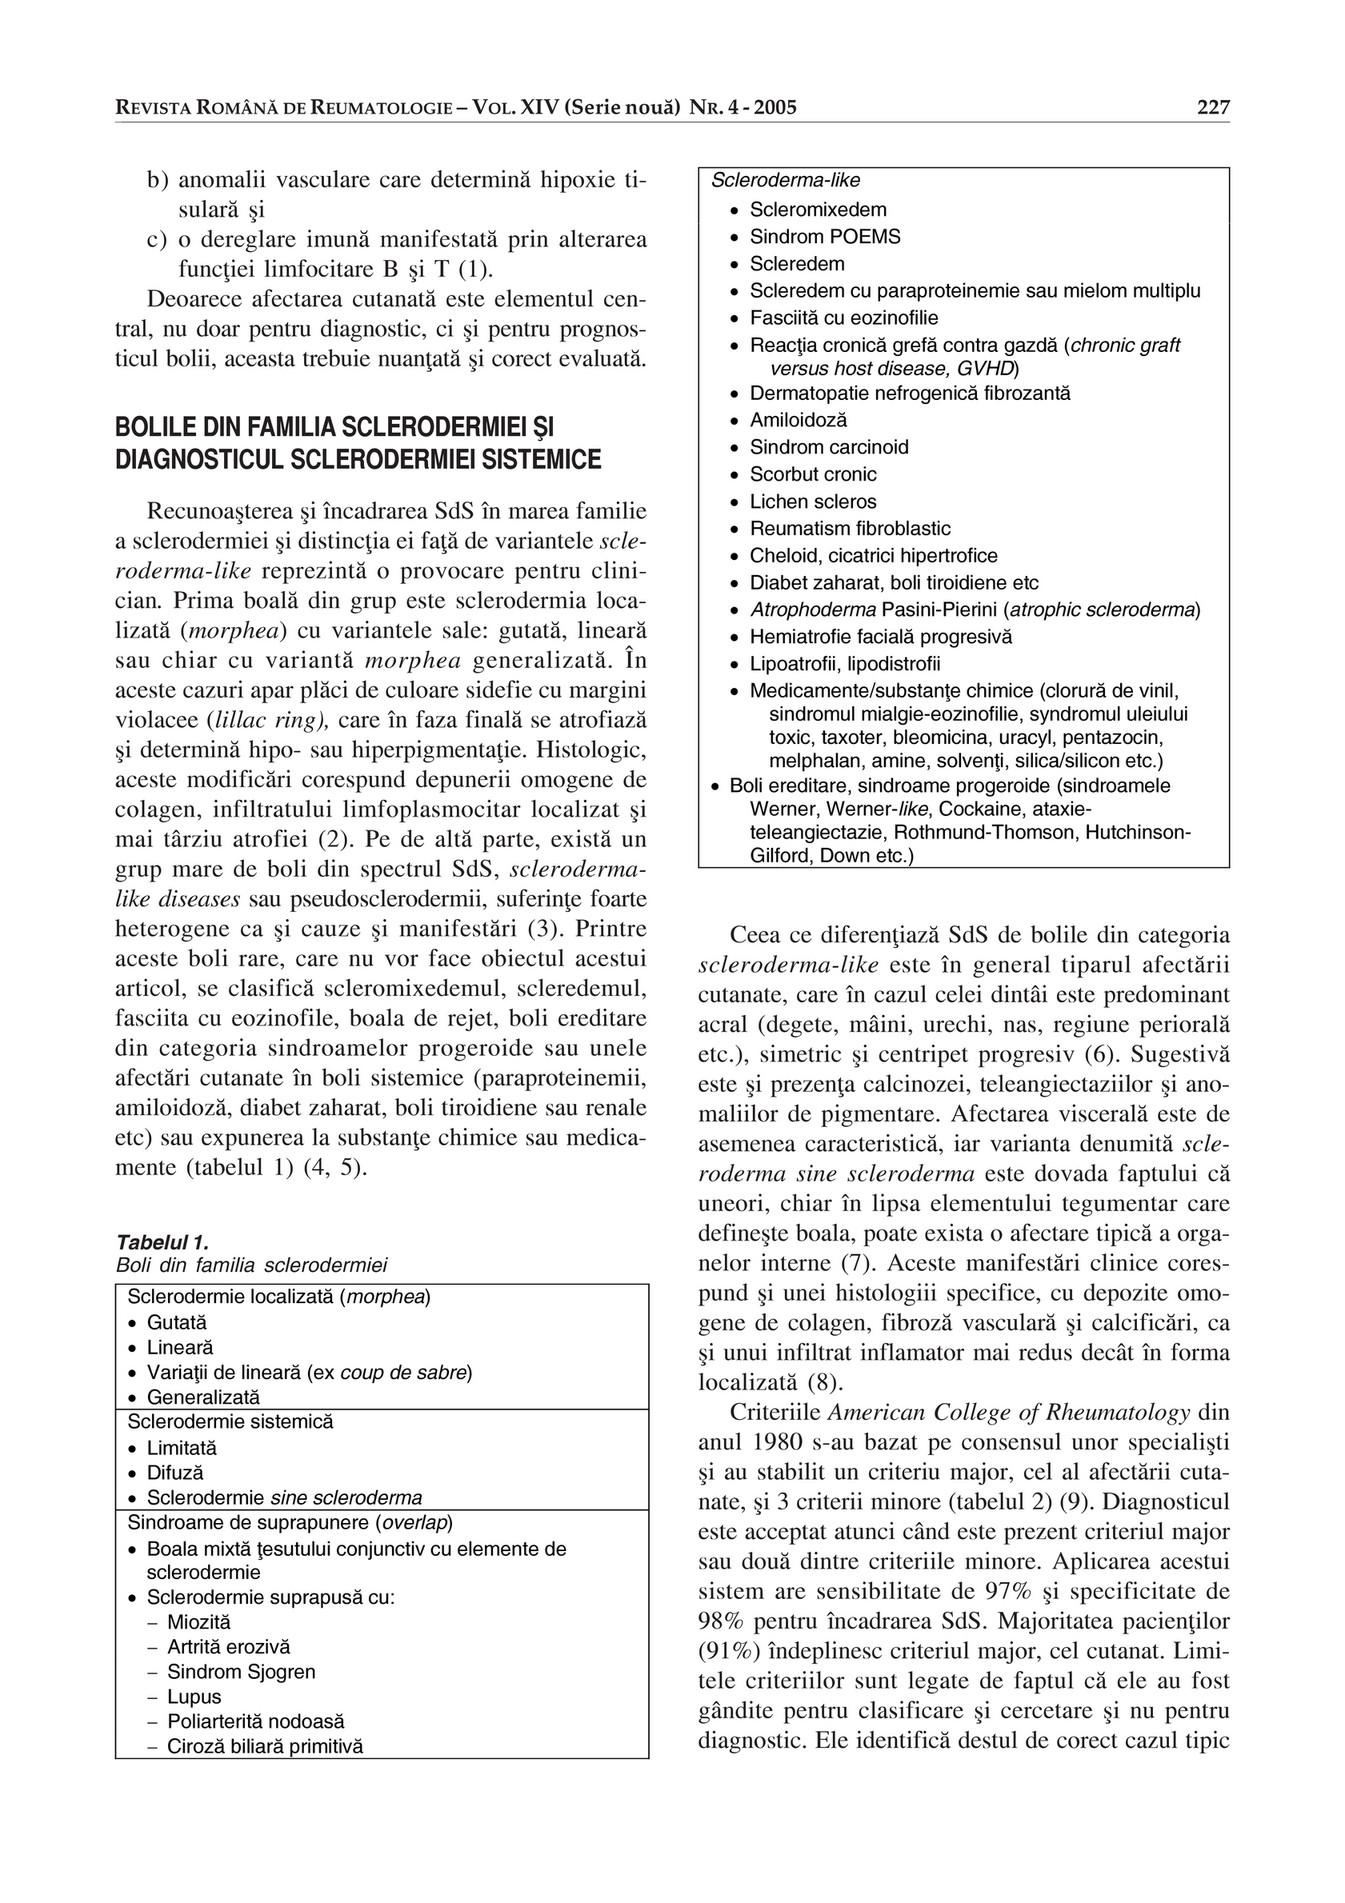 diagnostic de boală mixtă a țesutului conjunctiv